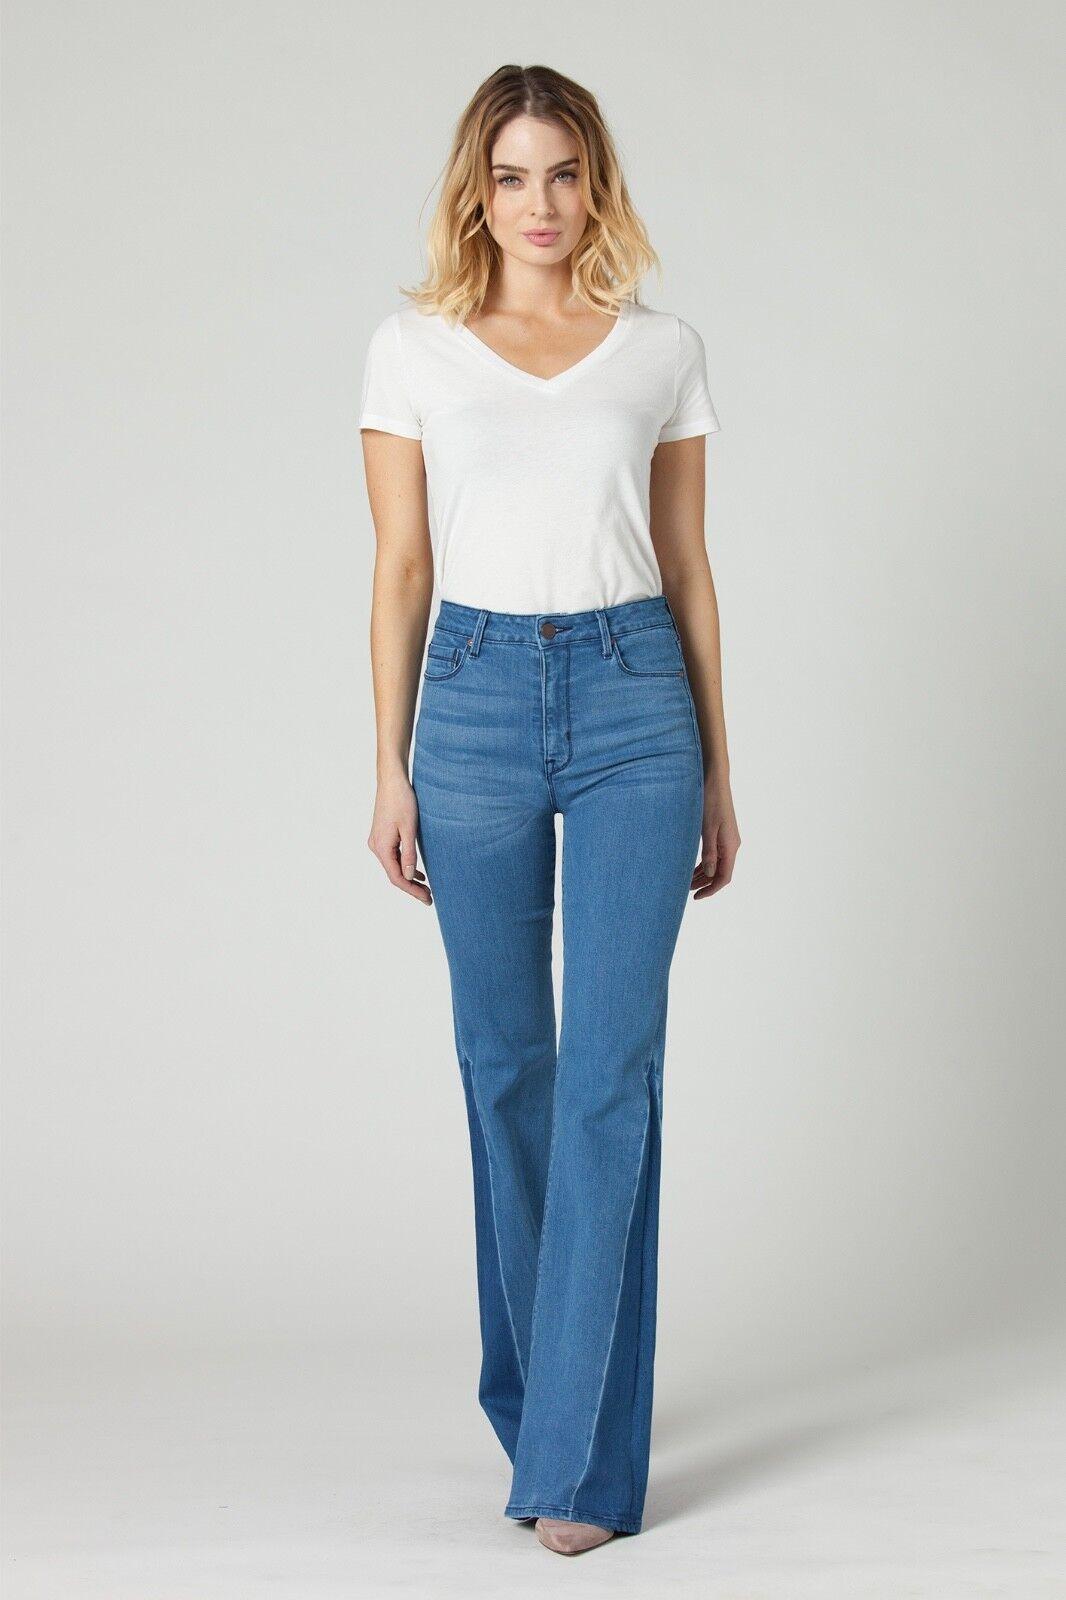 Parker Smith Vita Alta a Zampa Stretch Jeans Misura 10 30 Blu Nseam 34 U. S. A.